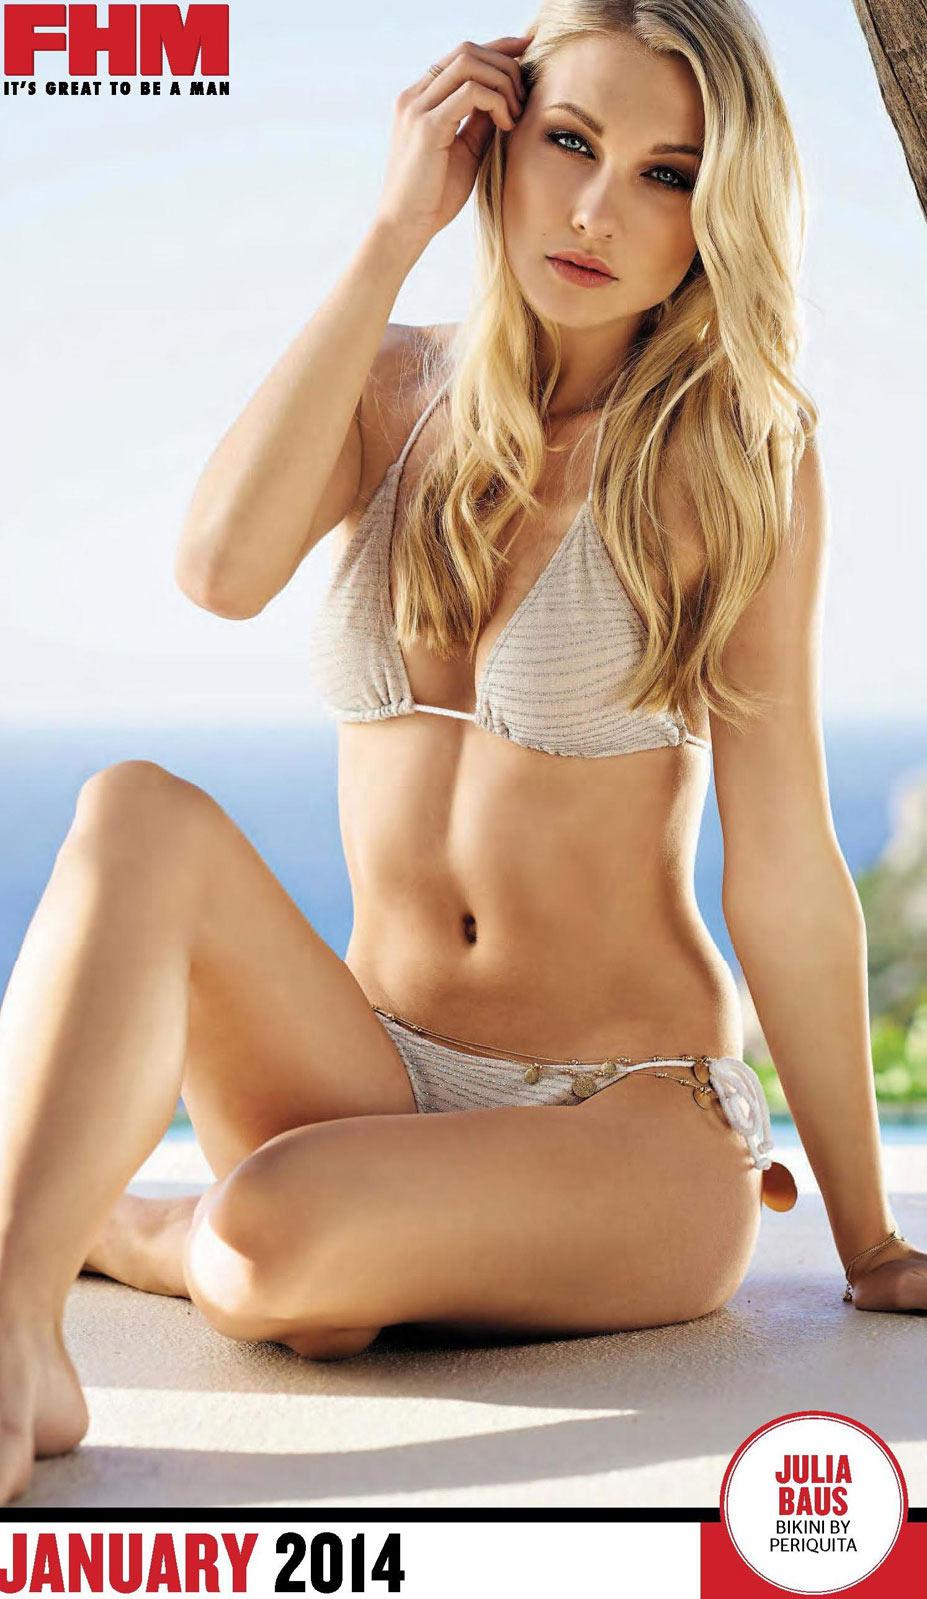 Сексуальные девушки в календаре журнала FHM South Africa 2014 - Julia Baus